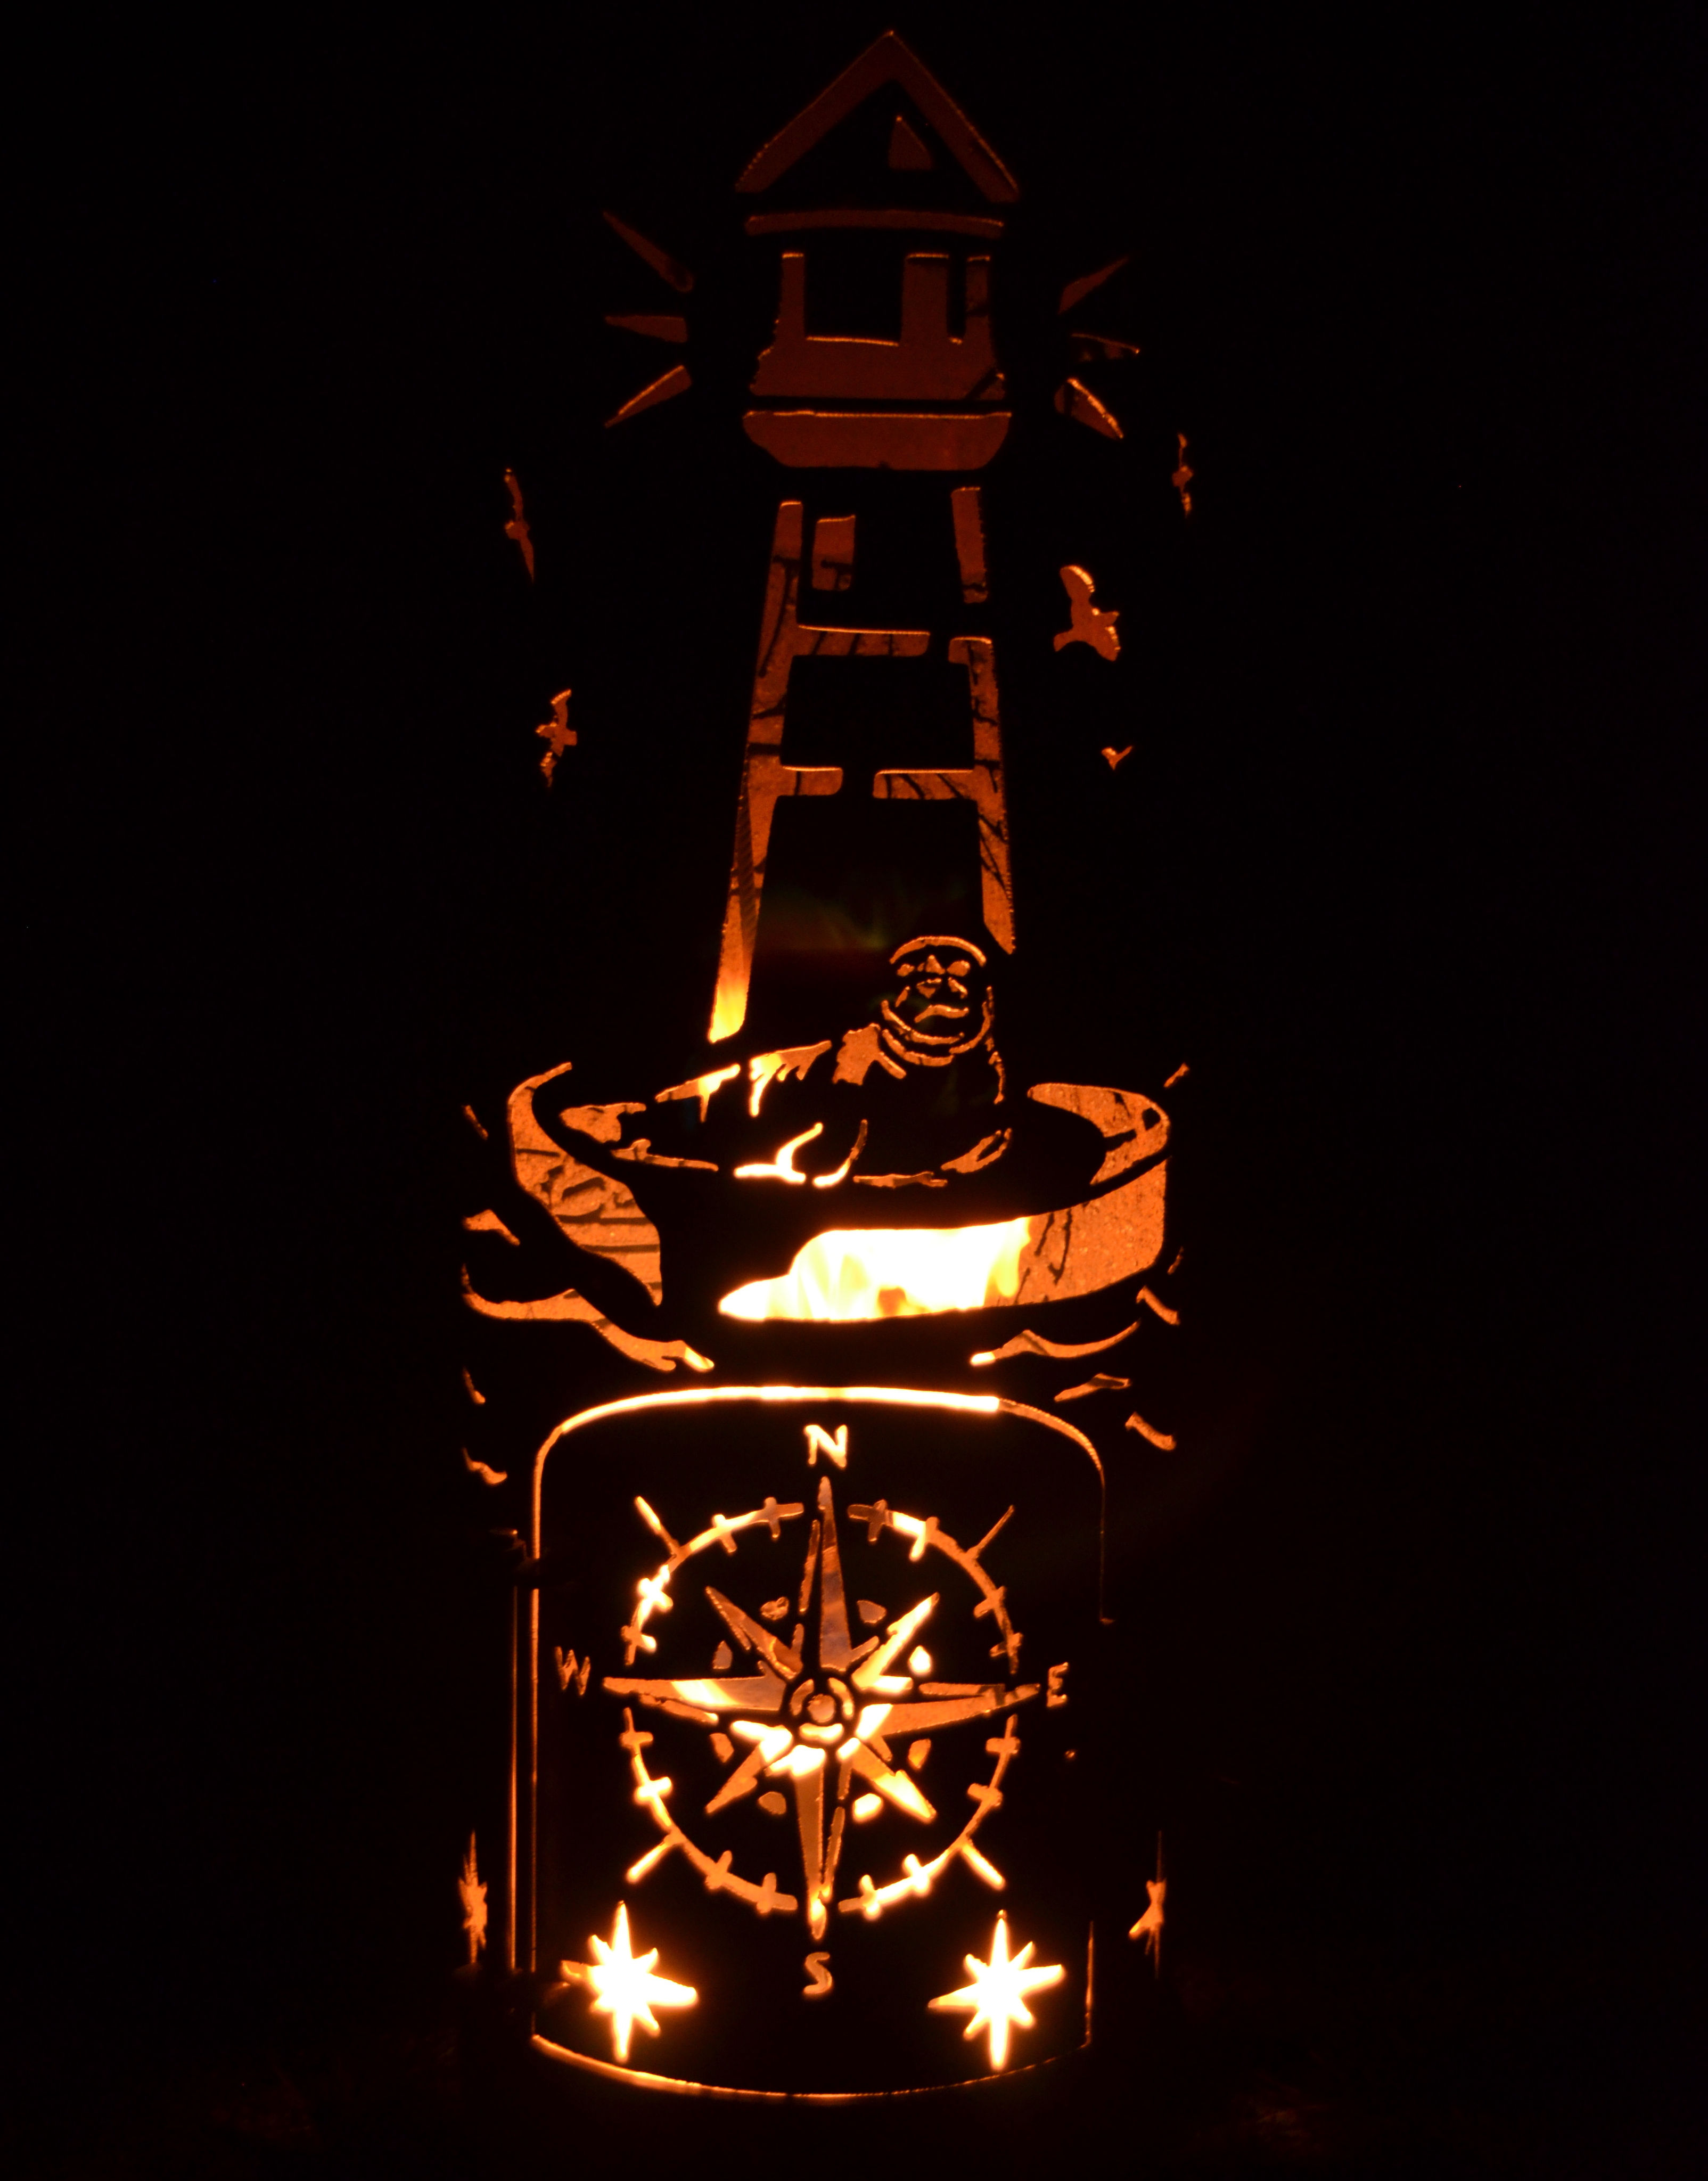 holz feuerstelle leuchtturm mit schiff. Black Bedroom Furniture Sets. Home Design Ideas